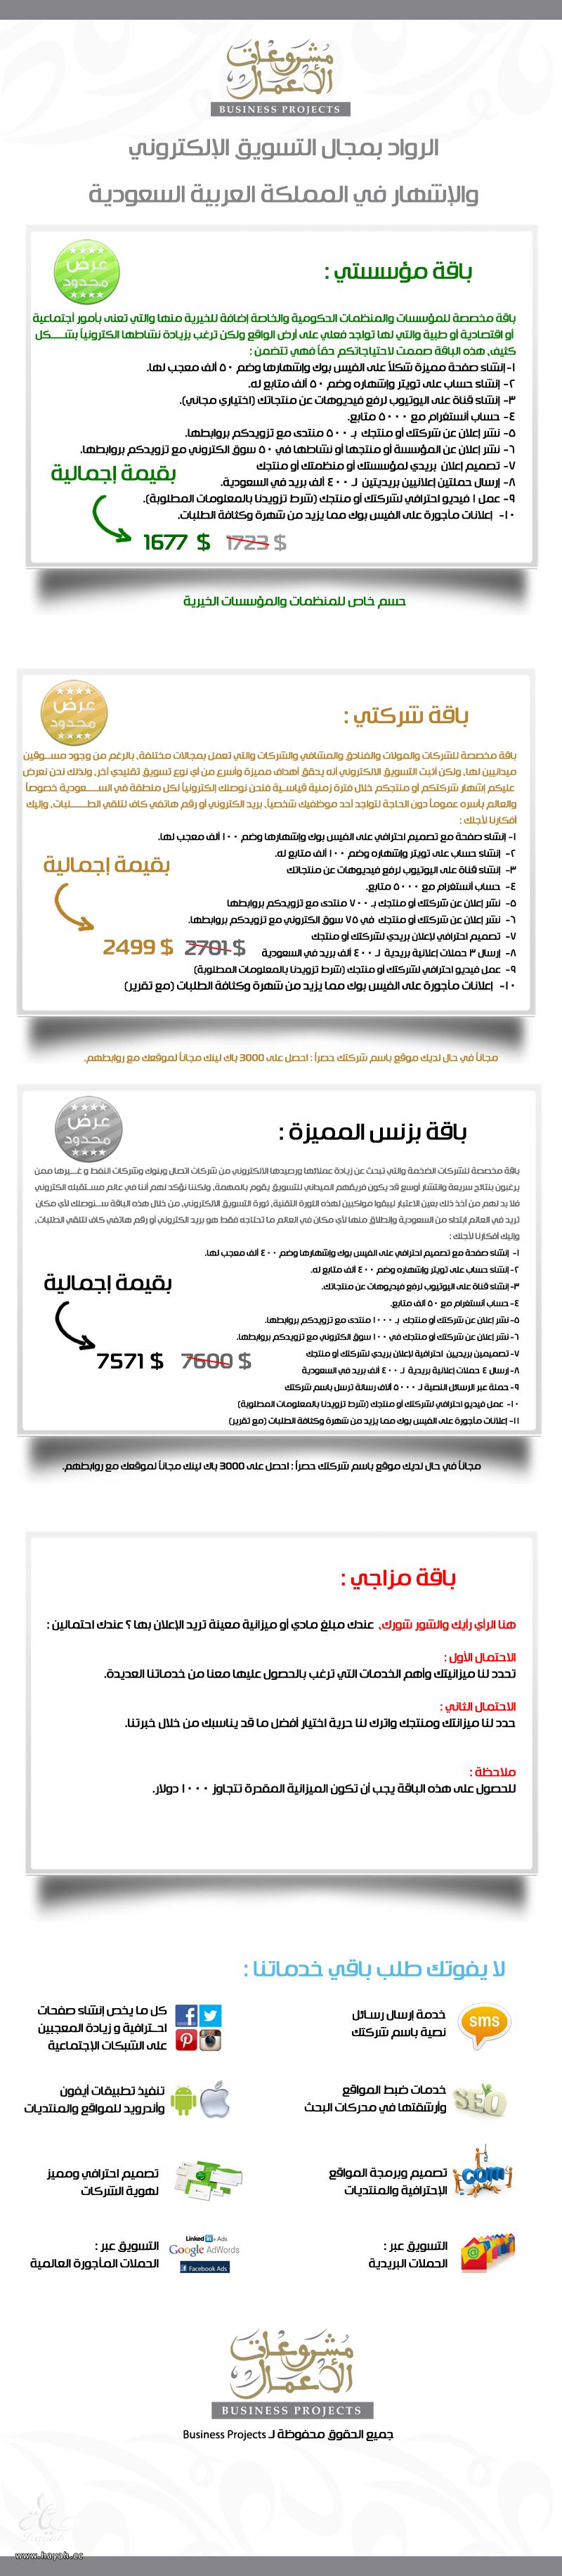 باقات التسويق الالكتروني المميزه hayahcc_1374175462_683.png